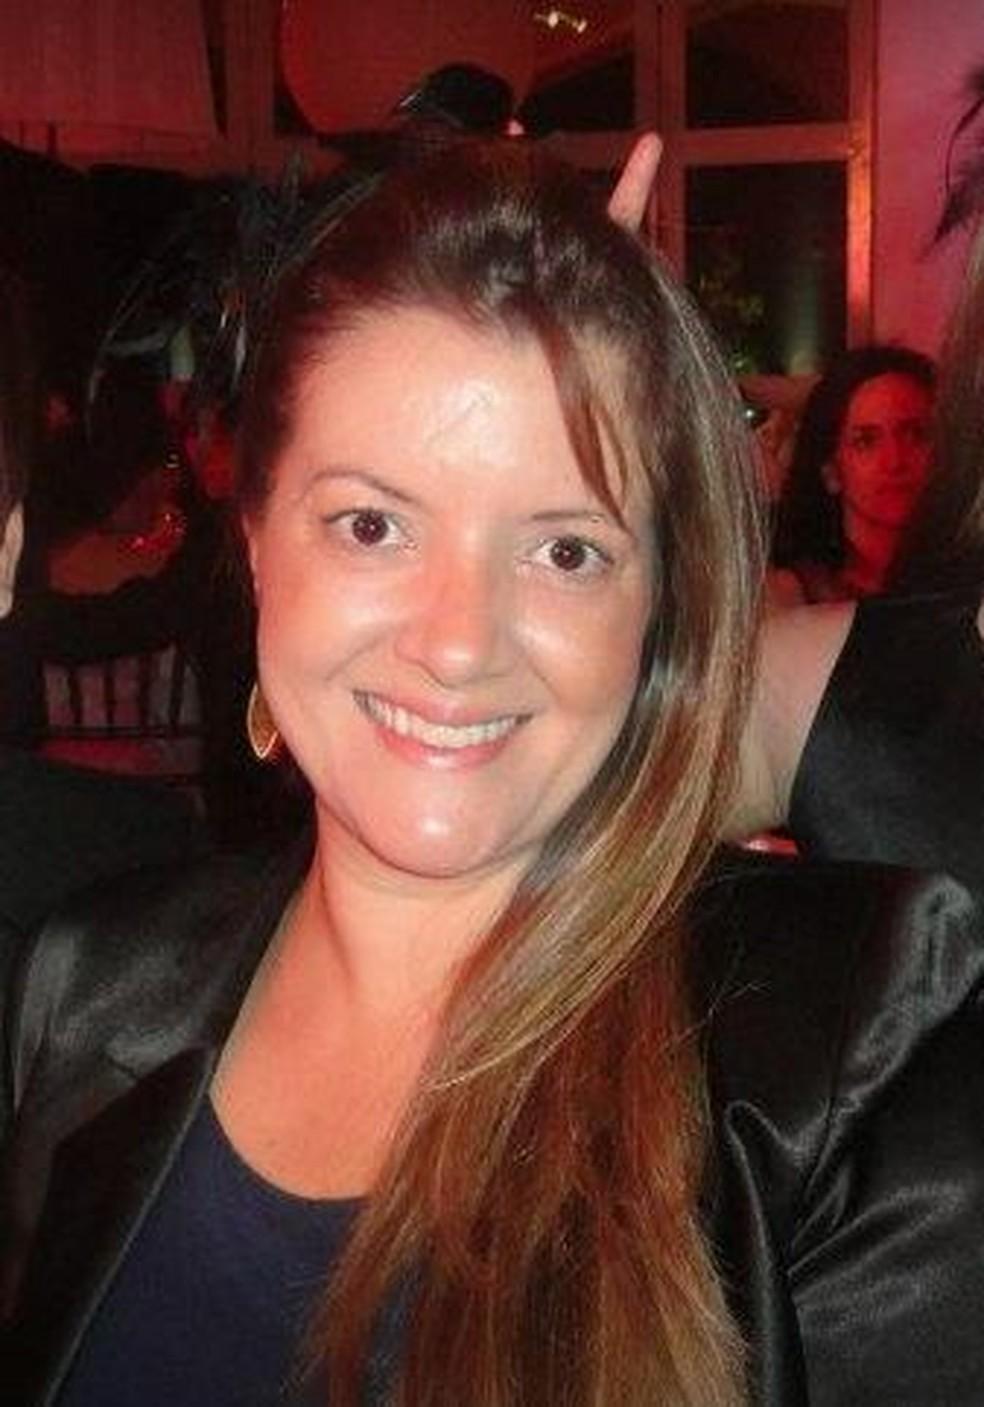 Daniela Zoccal, de Rio Preto, mora na Itália há 3 anos — Foto: Arquivo Pessoal